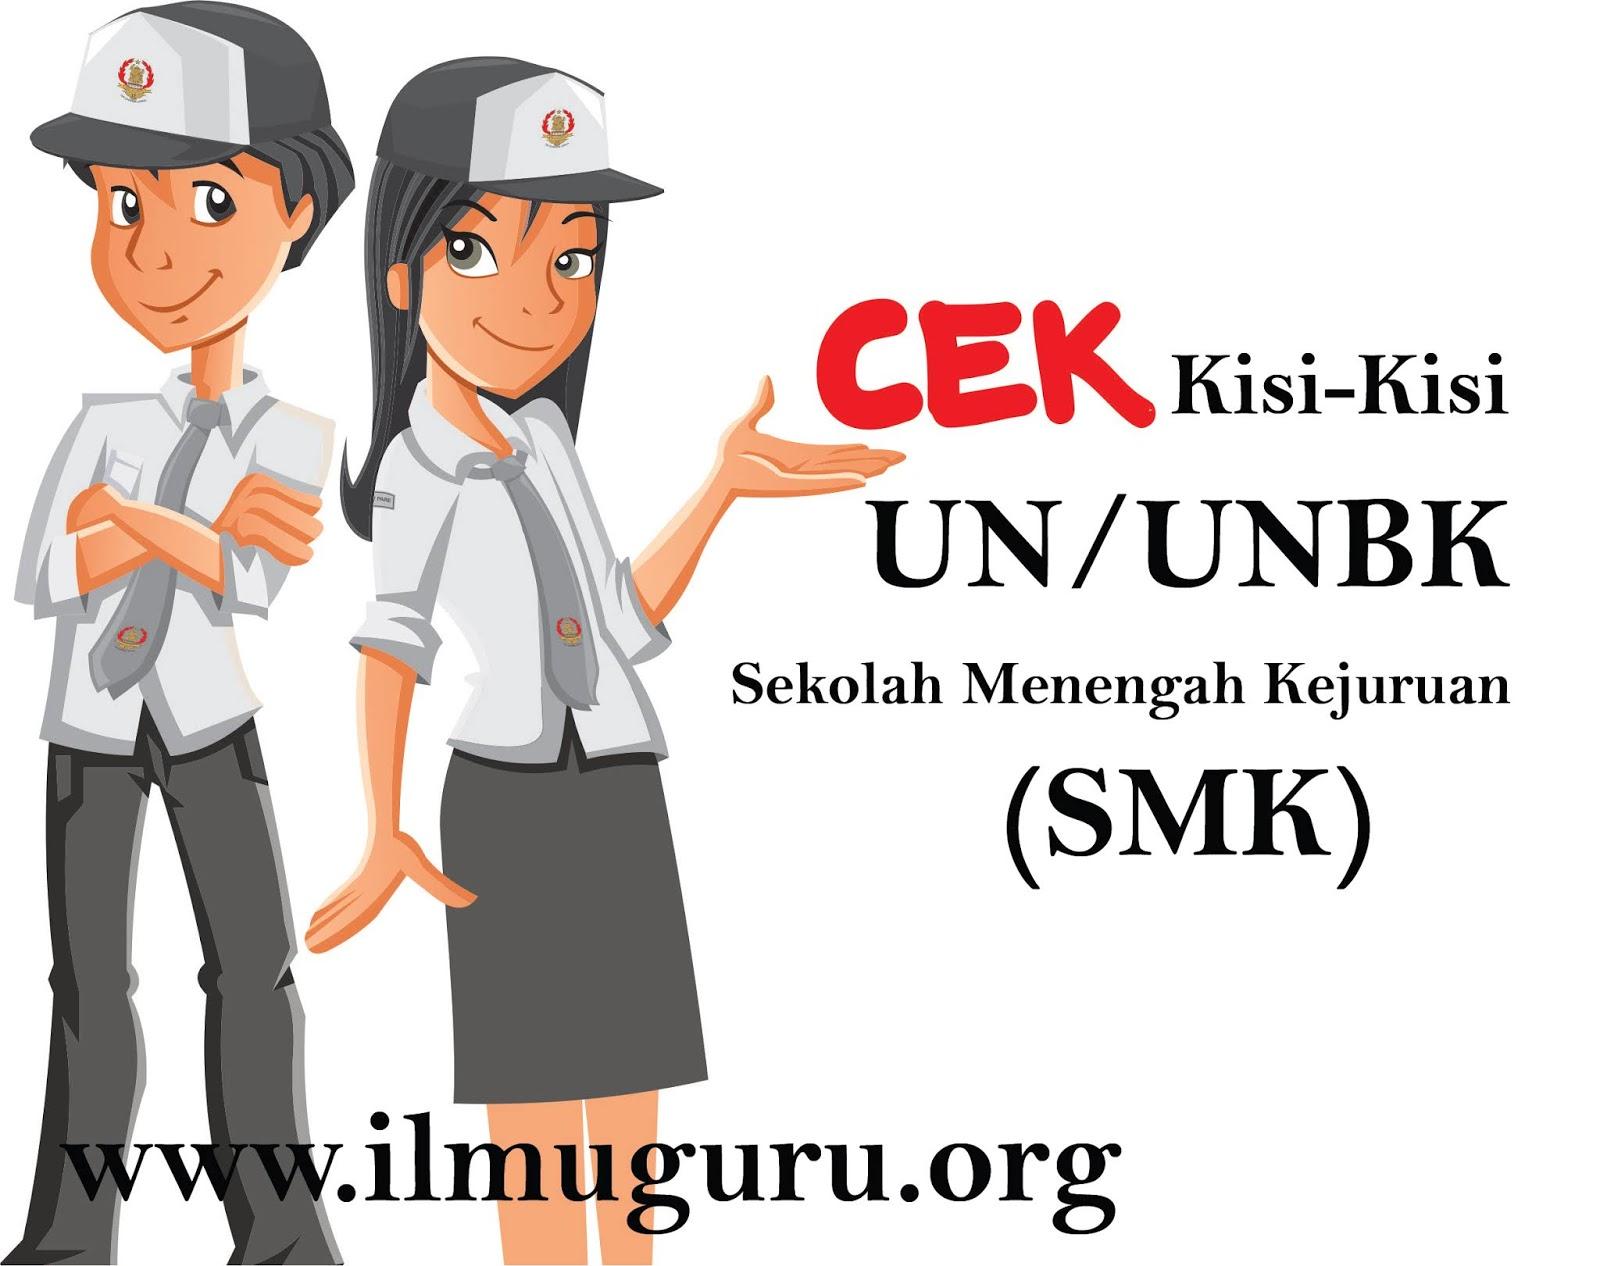 Mapel Bahasa Indonesia Jenjang Sekolah Menengah Kejuruan  Download Kisi-Kisi UN/UNBK Sekolah Menengah kejuruan Mapel Bahasa Indonesia (Perbutir Soal)